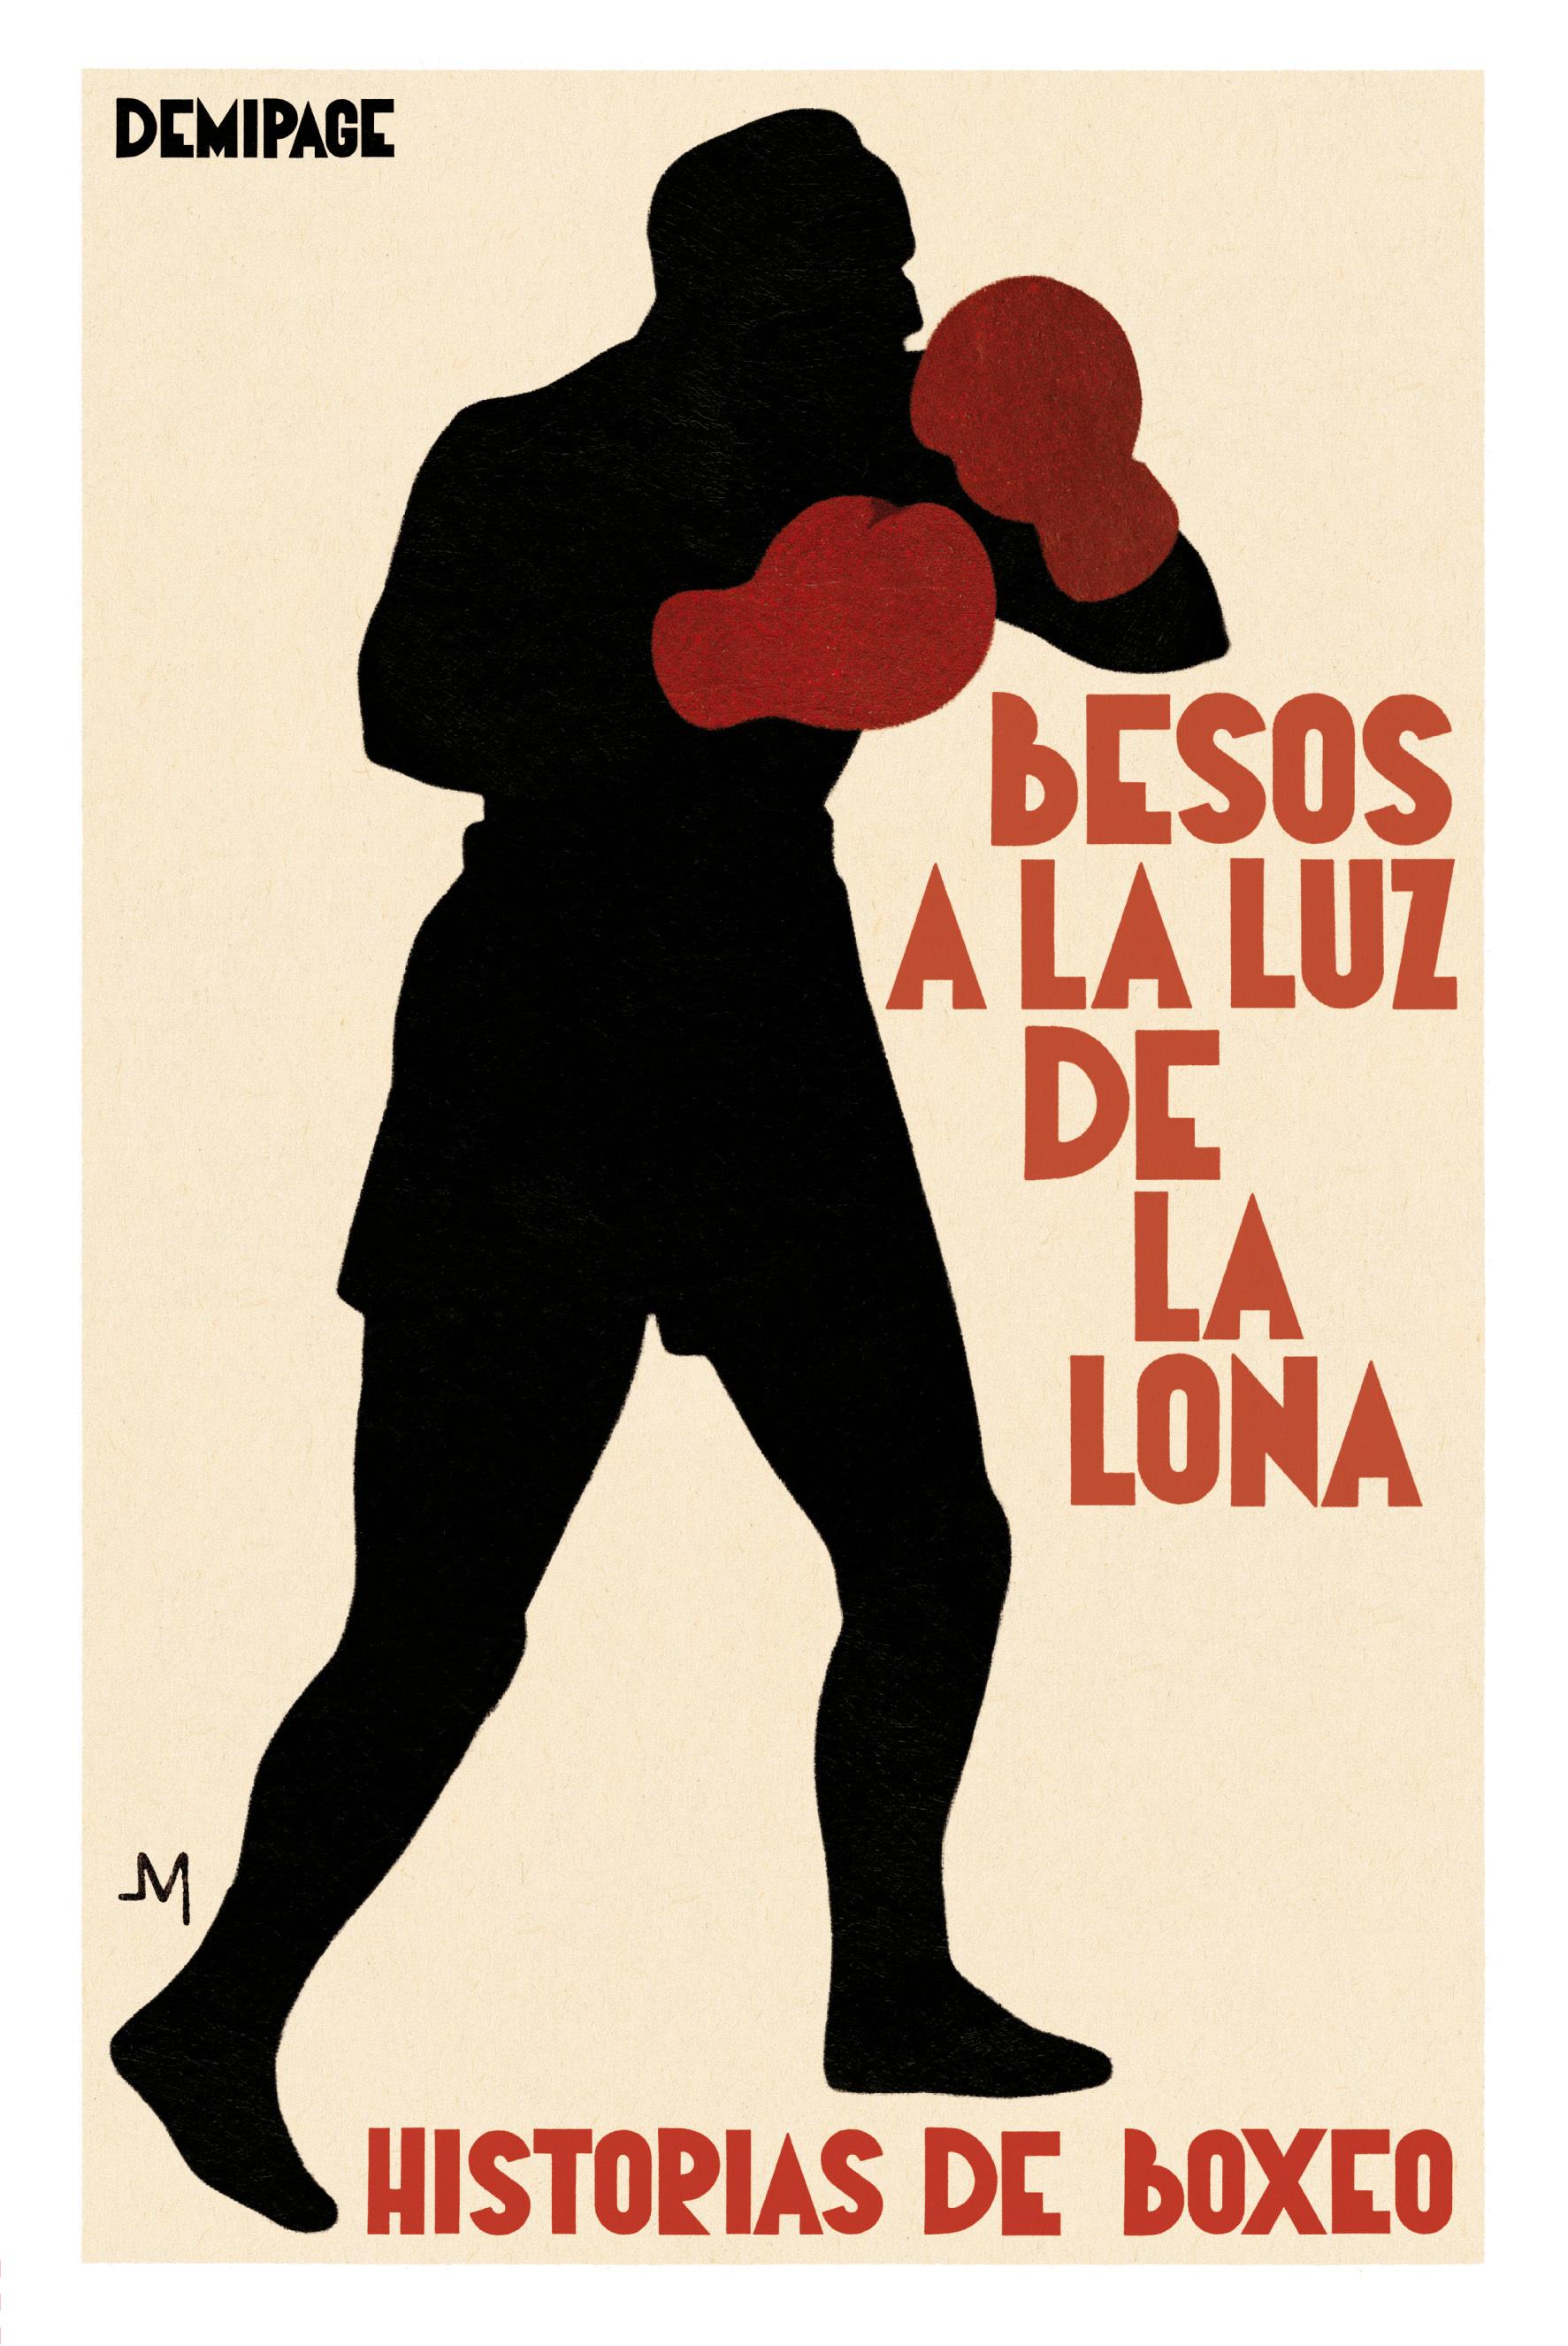 BESOS A LA LUZ DE LA LONA. HISTORIAS DE BOXEO